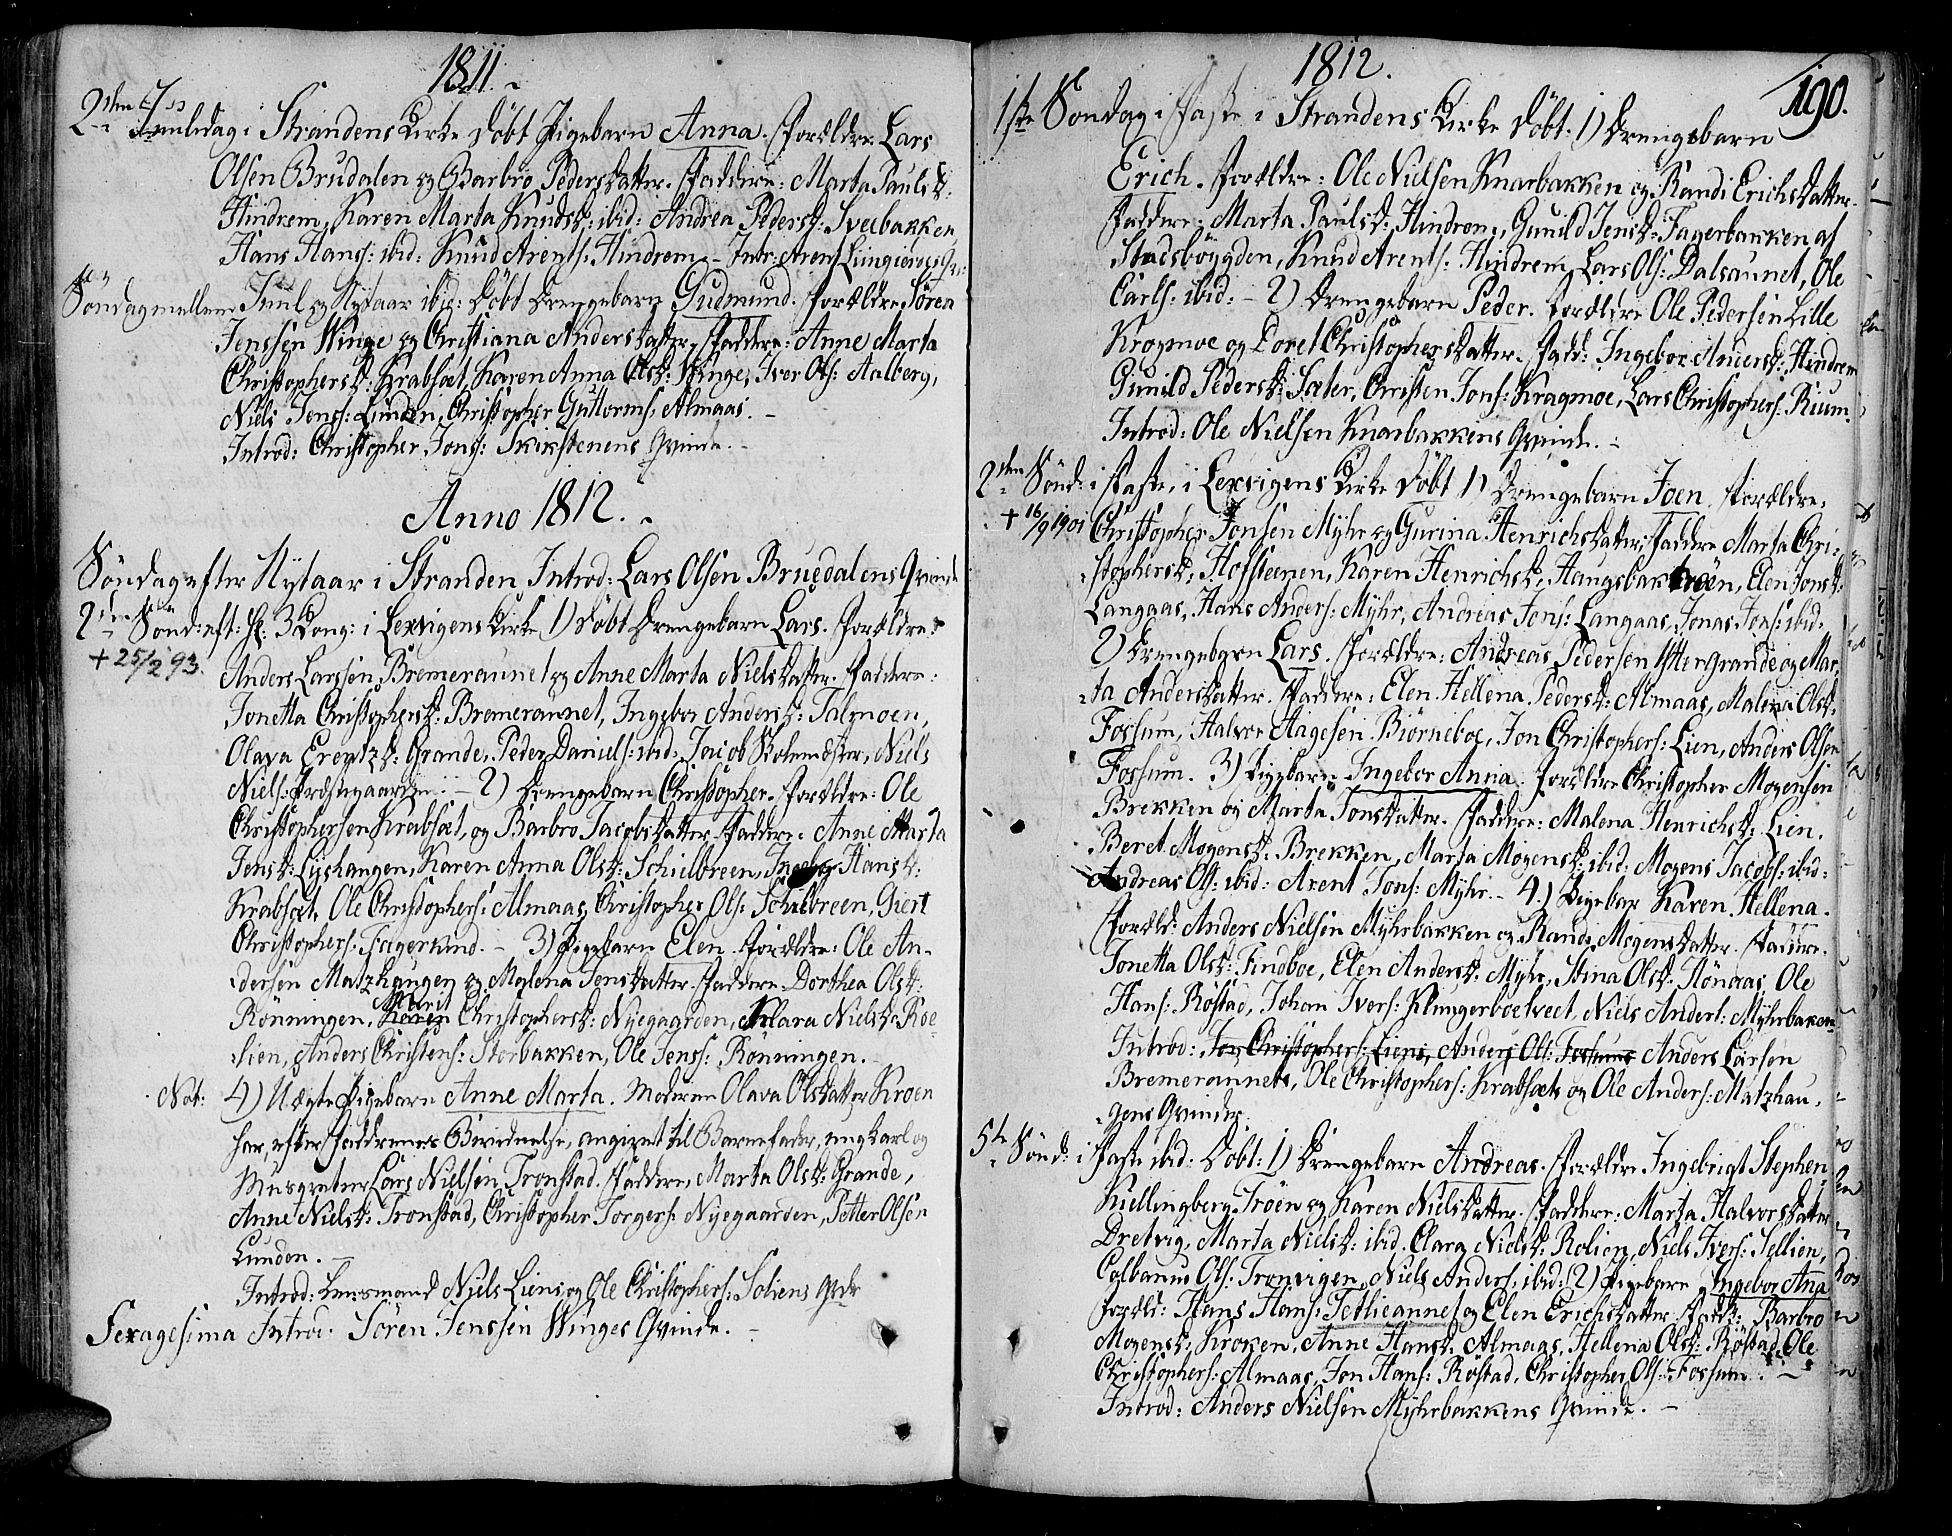 SAT, Ministerialprotokoller, klokkerbøker og fødselsregistre - Nord-Trøndelag, 701/L0004: Ministerialbok nr. 701A04, 1783-1816, s. 190